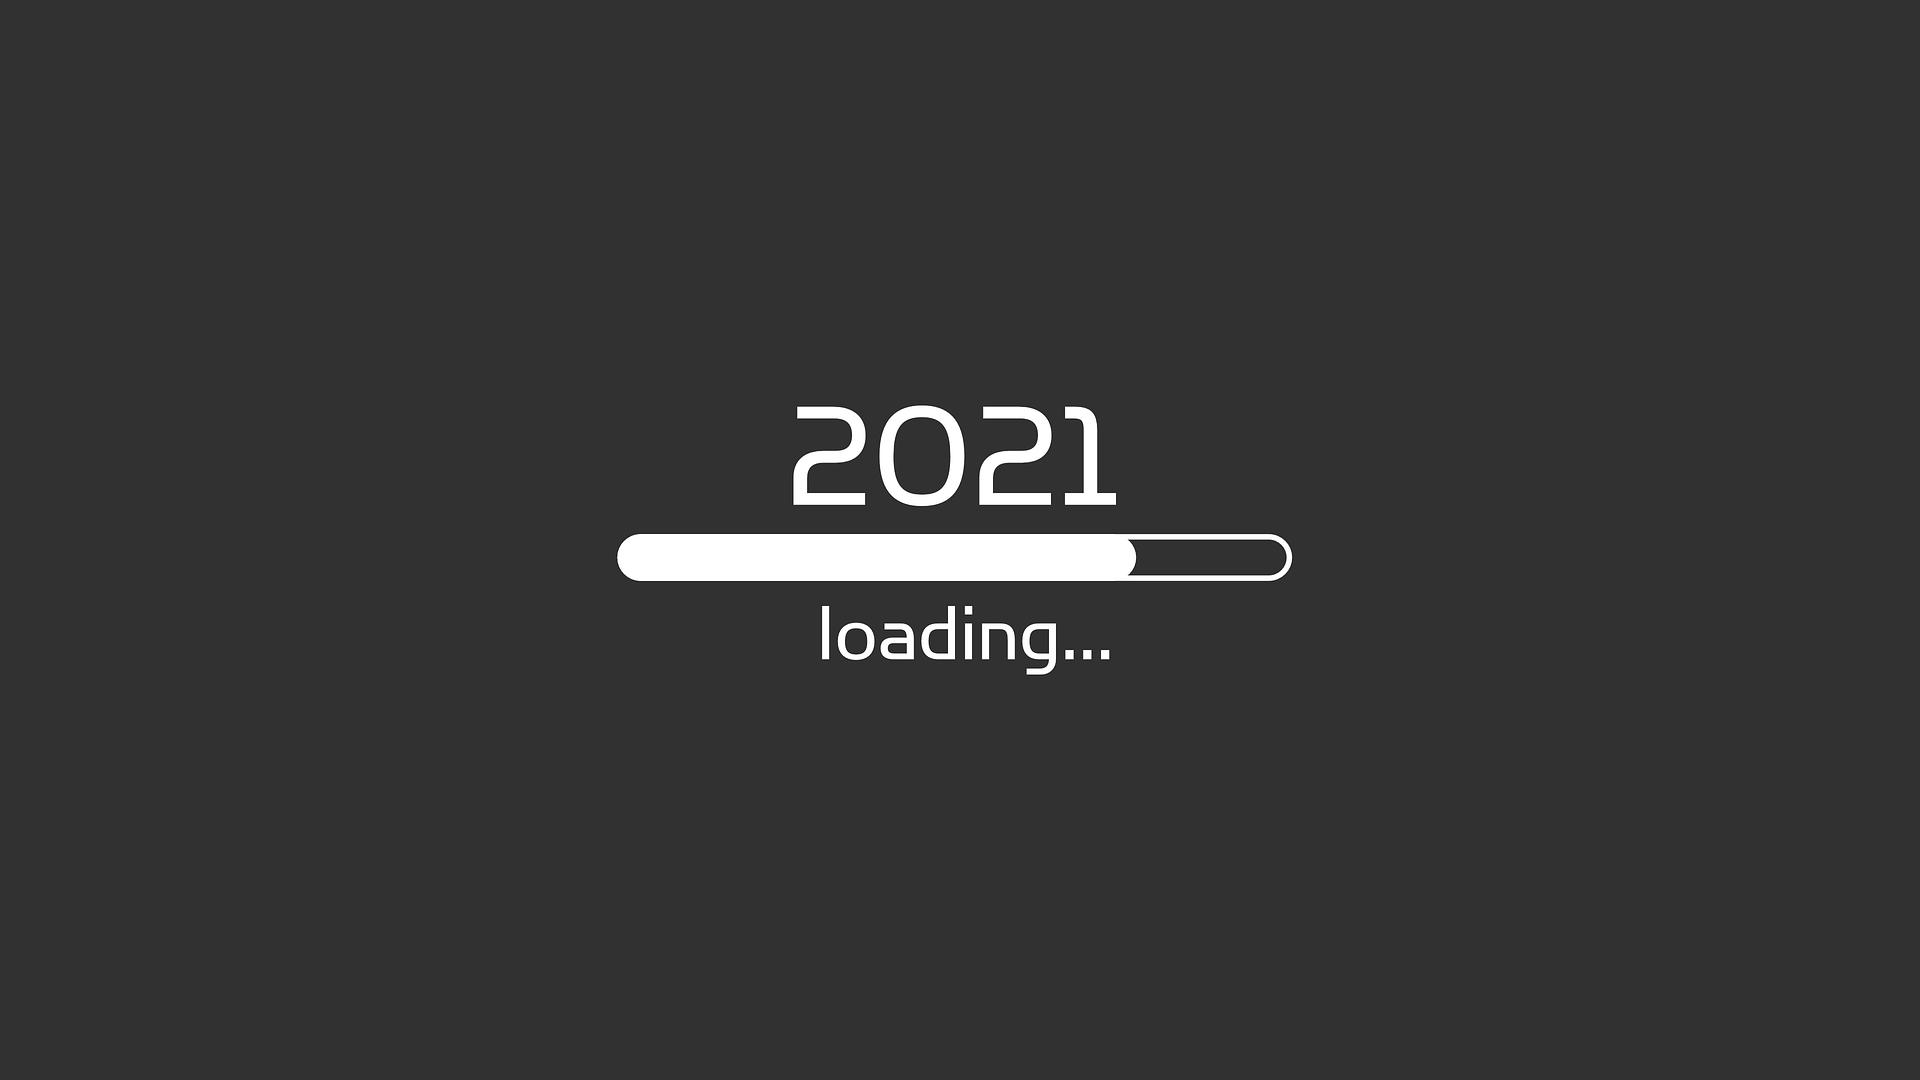 plany na 2021